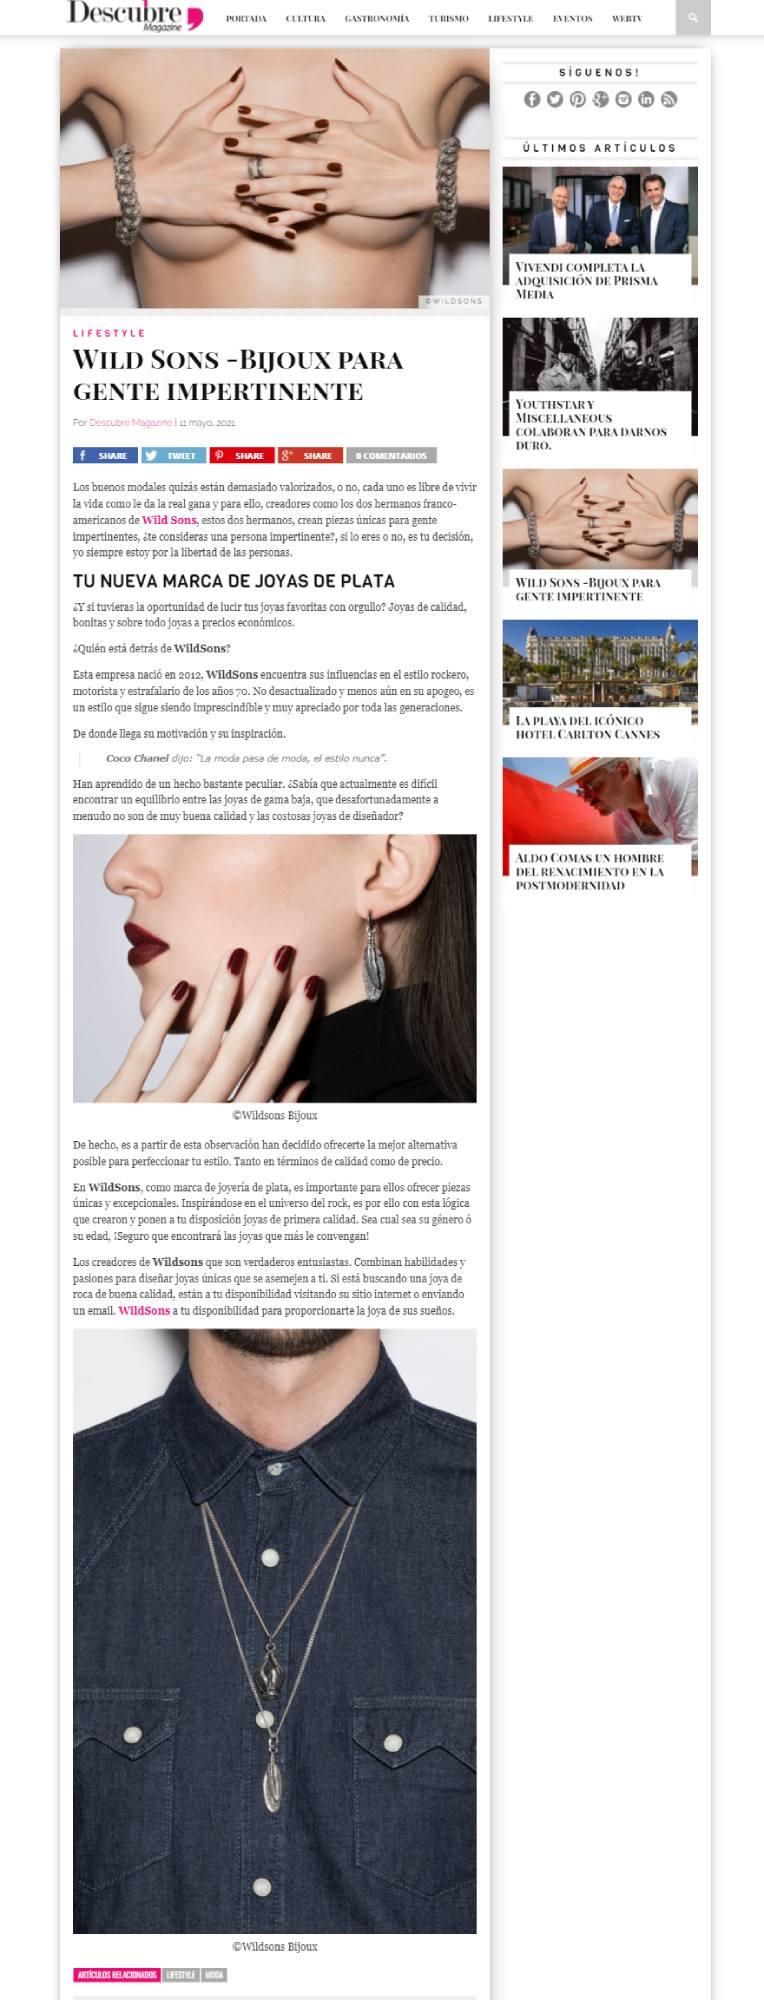 descubremagazine-parution-wildsons (1)